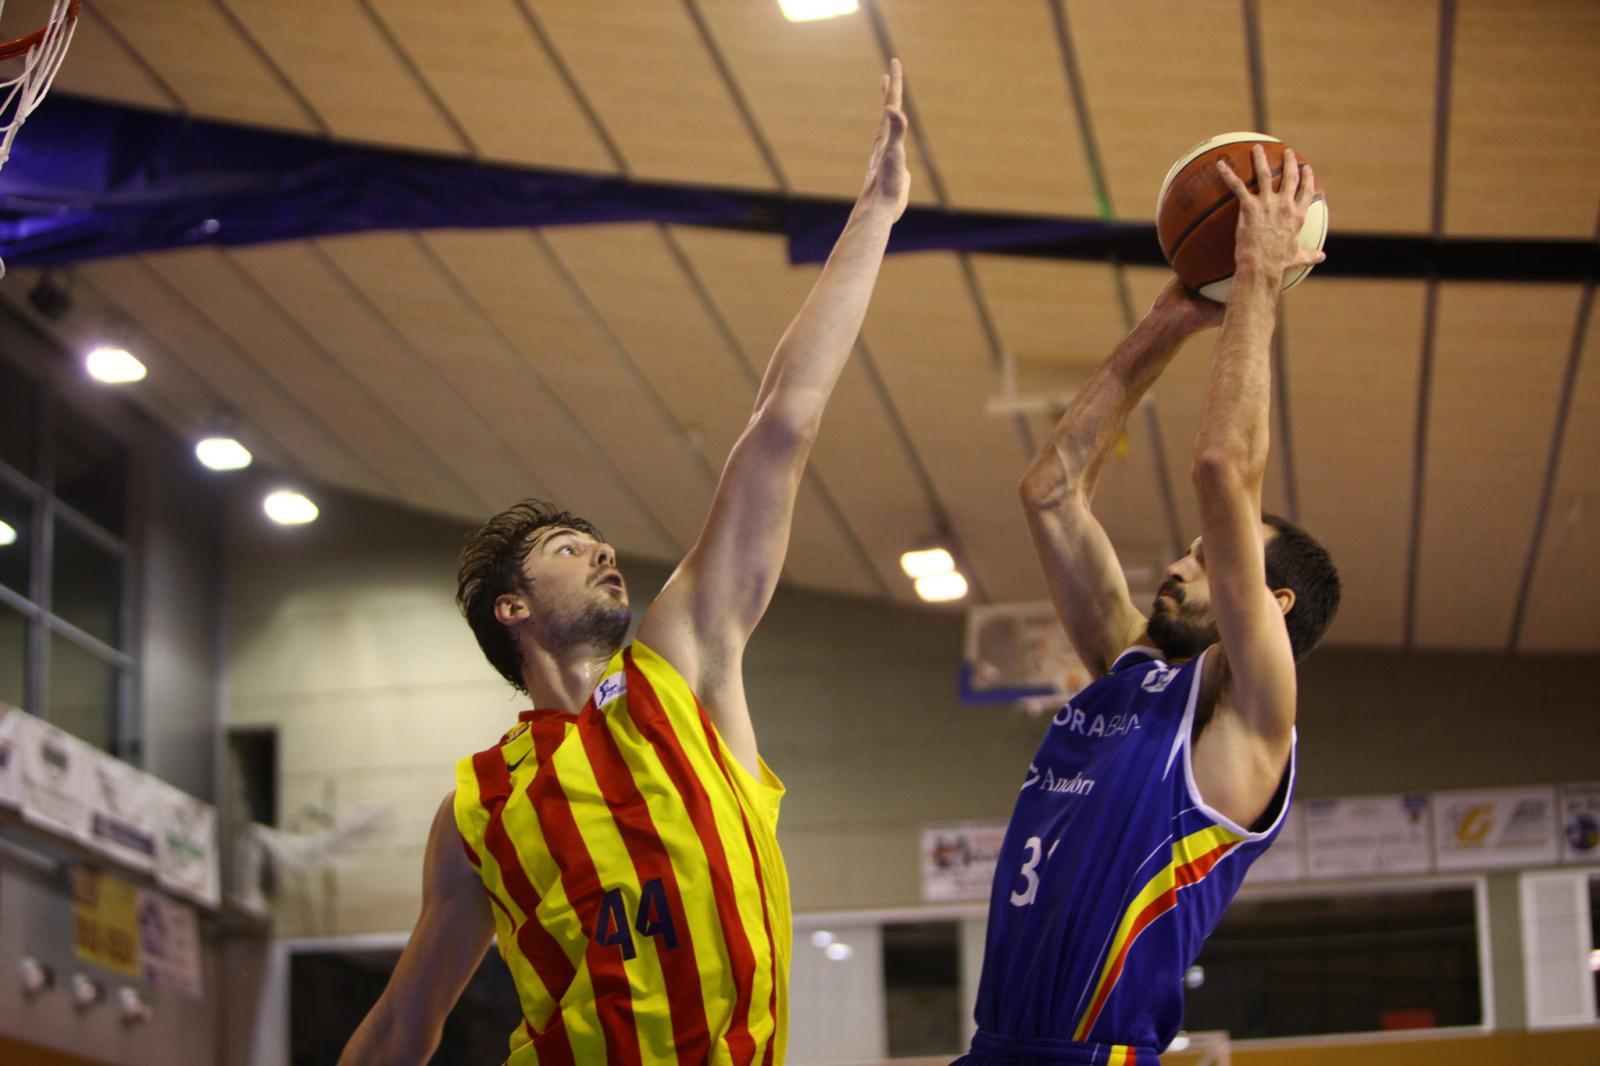 El FC Barcelona i el Bàsquet Andorra van disputar la final de l'any passat de la lliga catalana. Foto: Ricard Rovira/ FCBQ